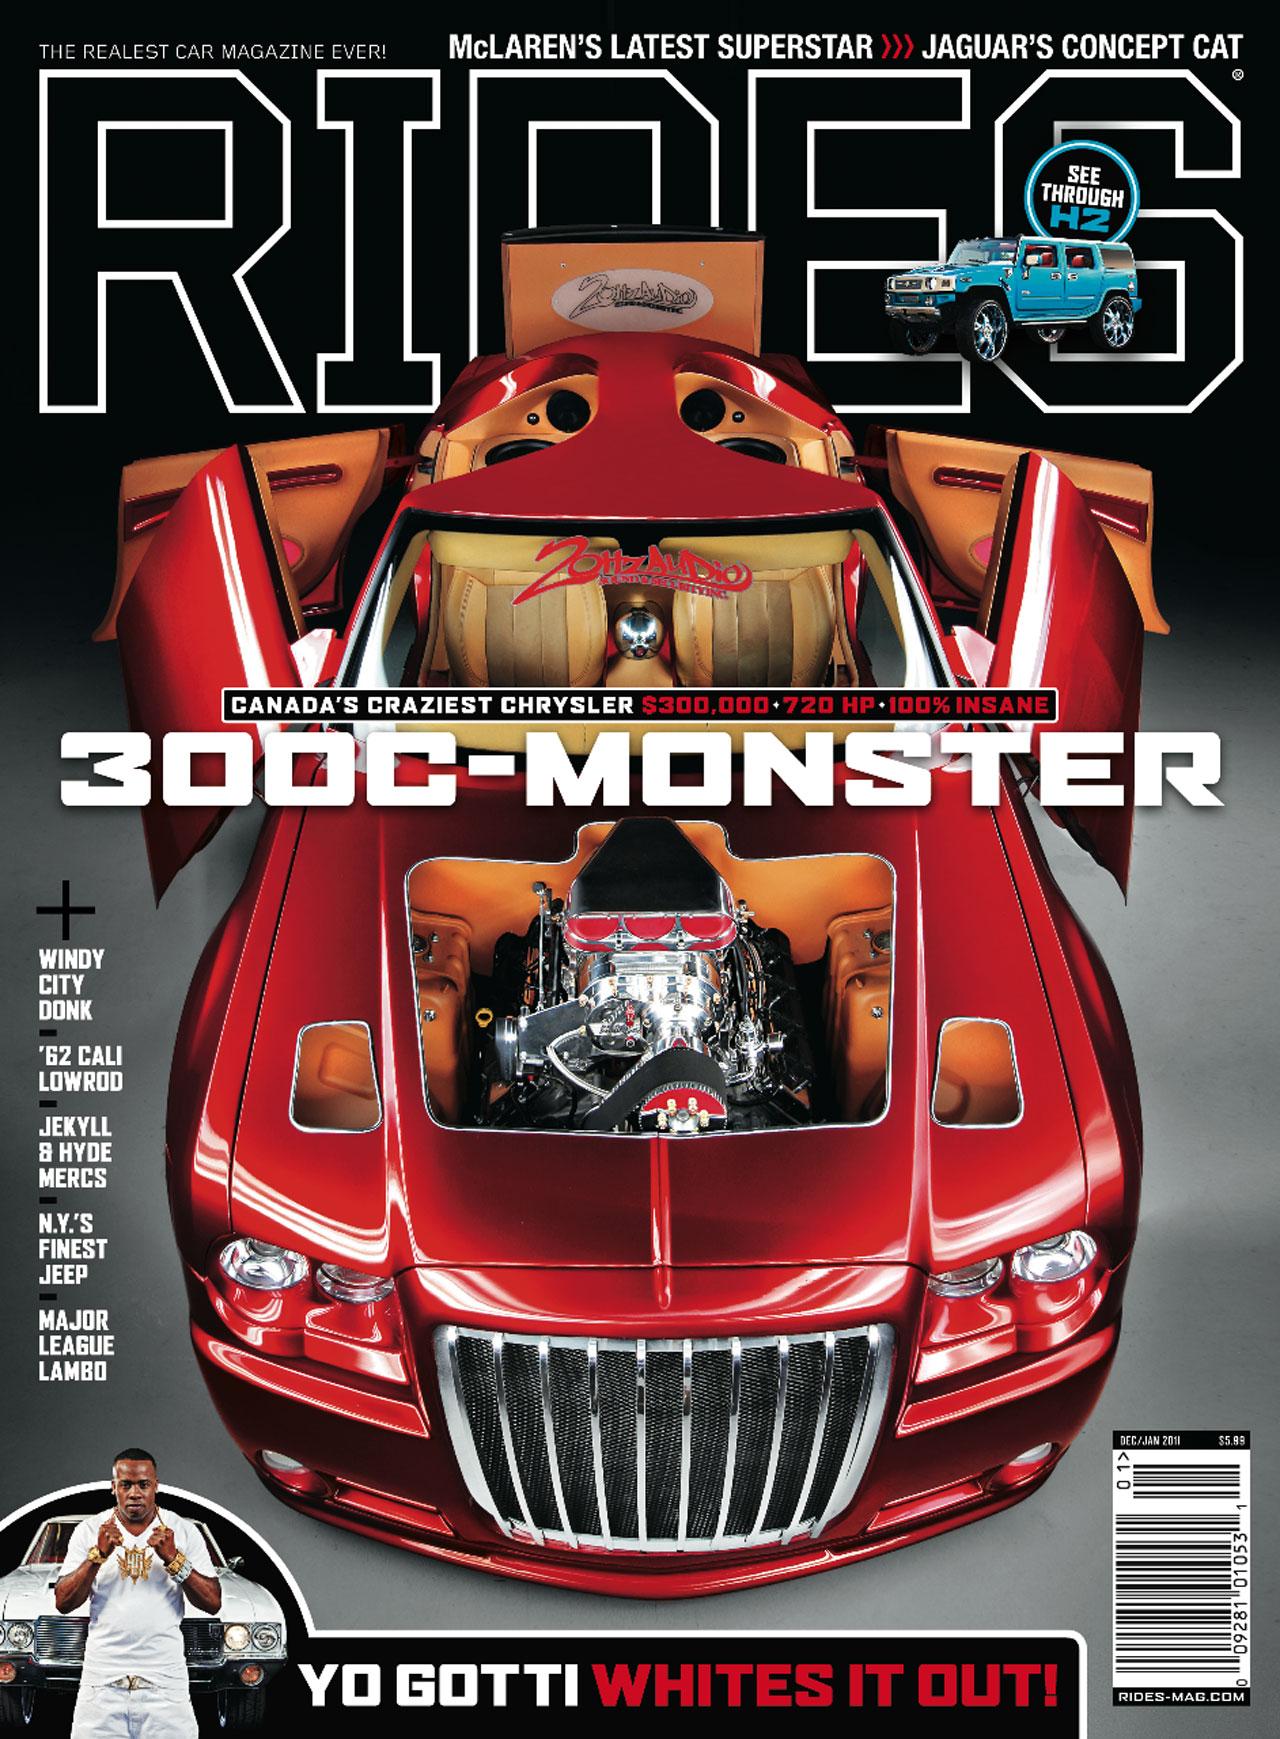 rides, cars, cover, december, january, 2011, chrysler, 300c, monster, yo gotti